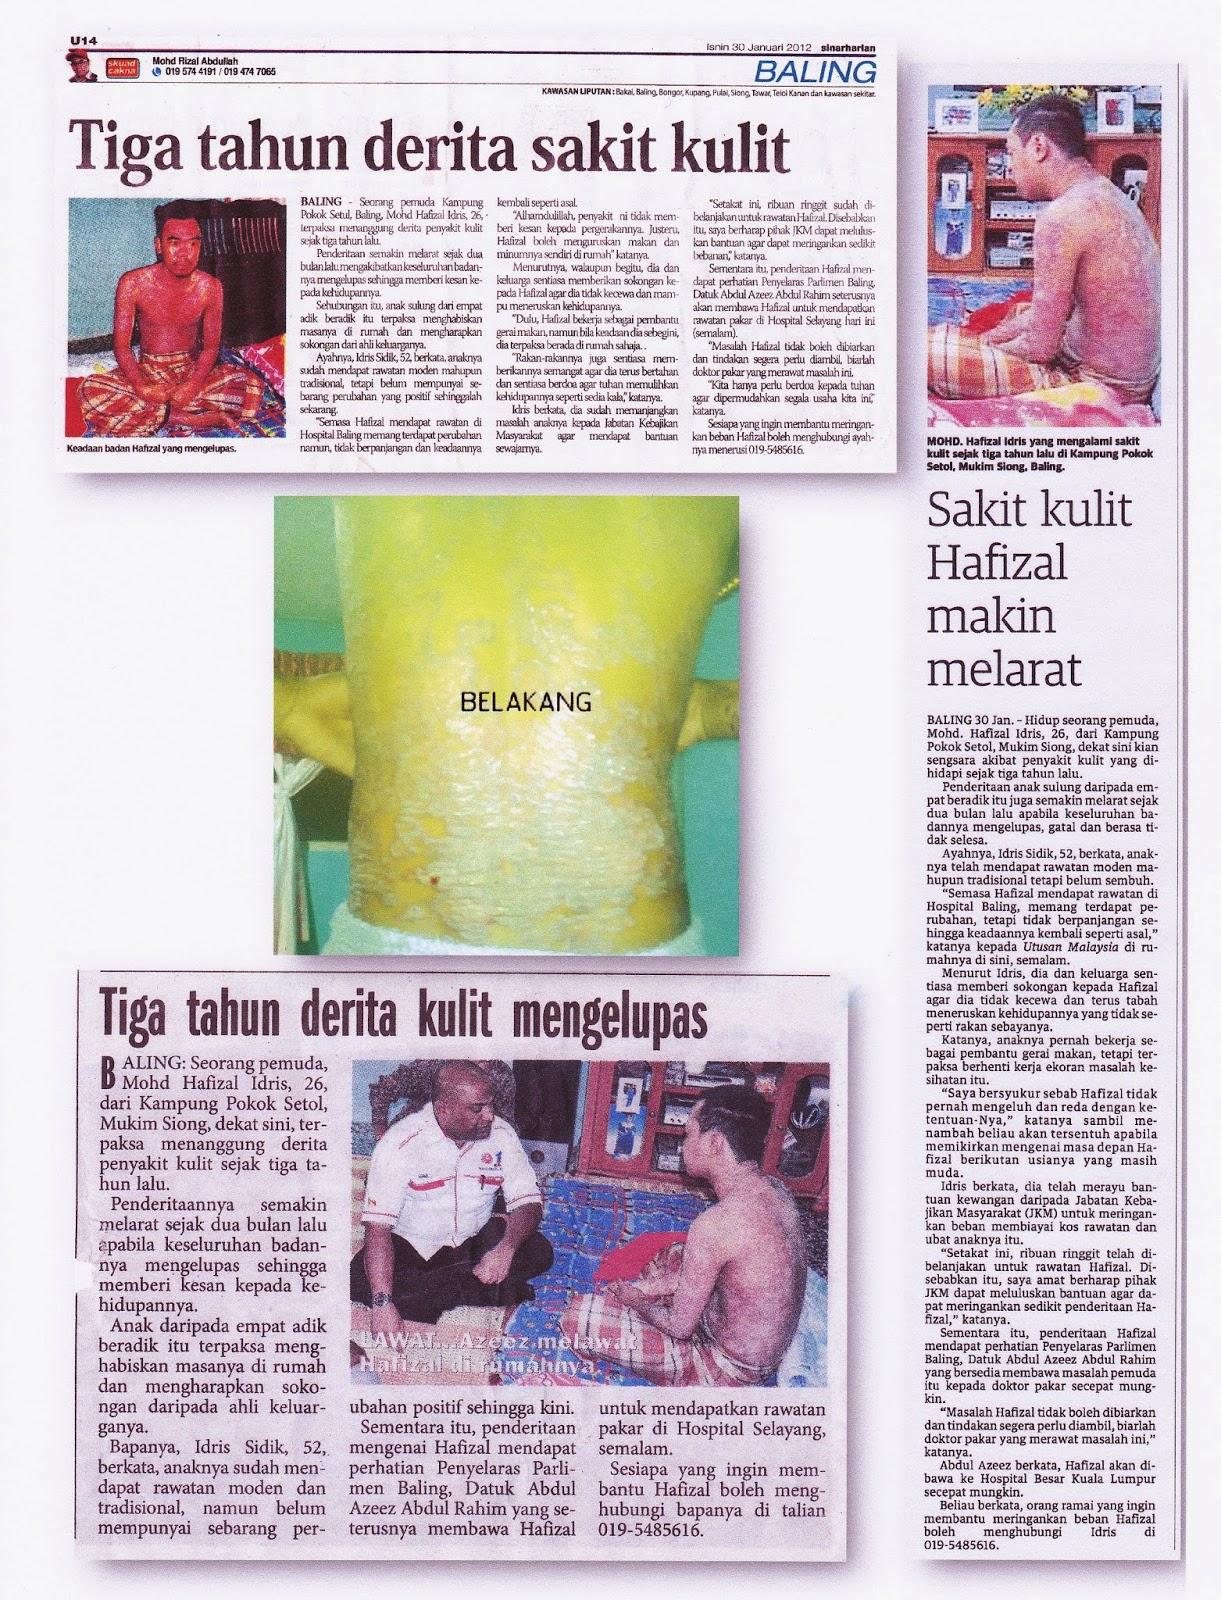 Keratan akhbar tentang penyakit hafizal